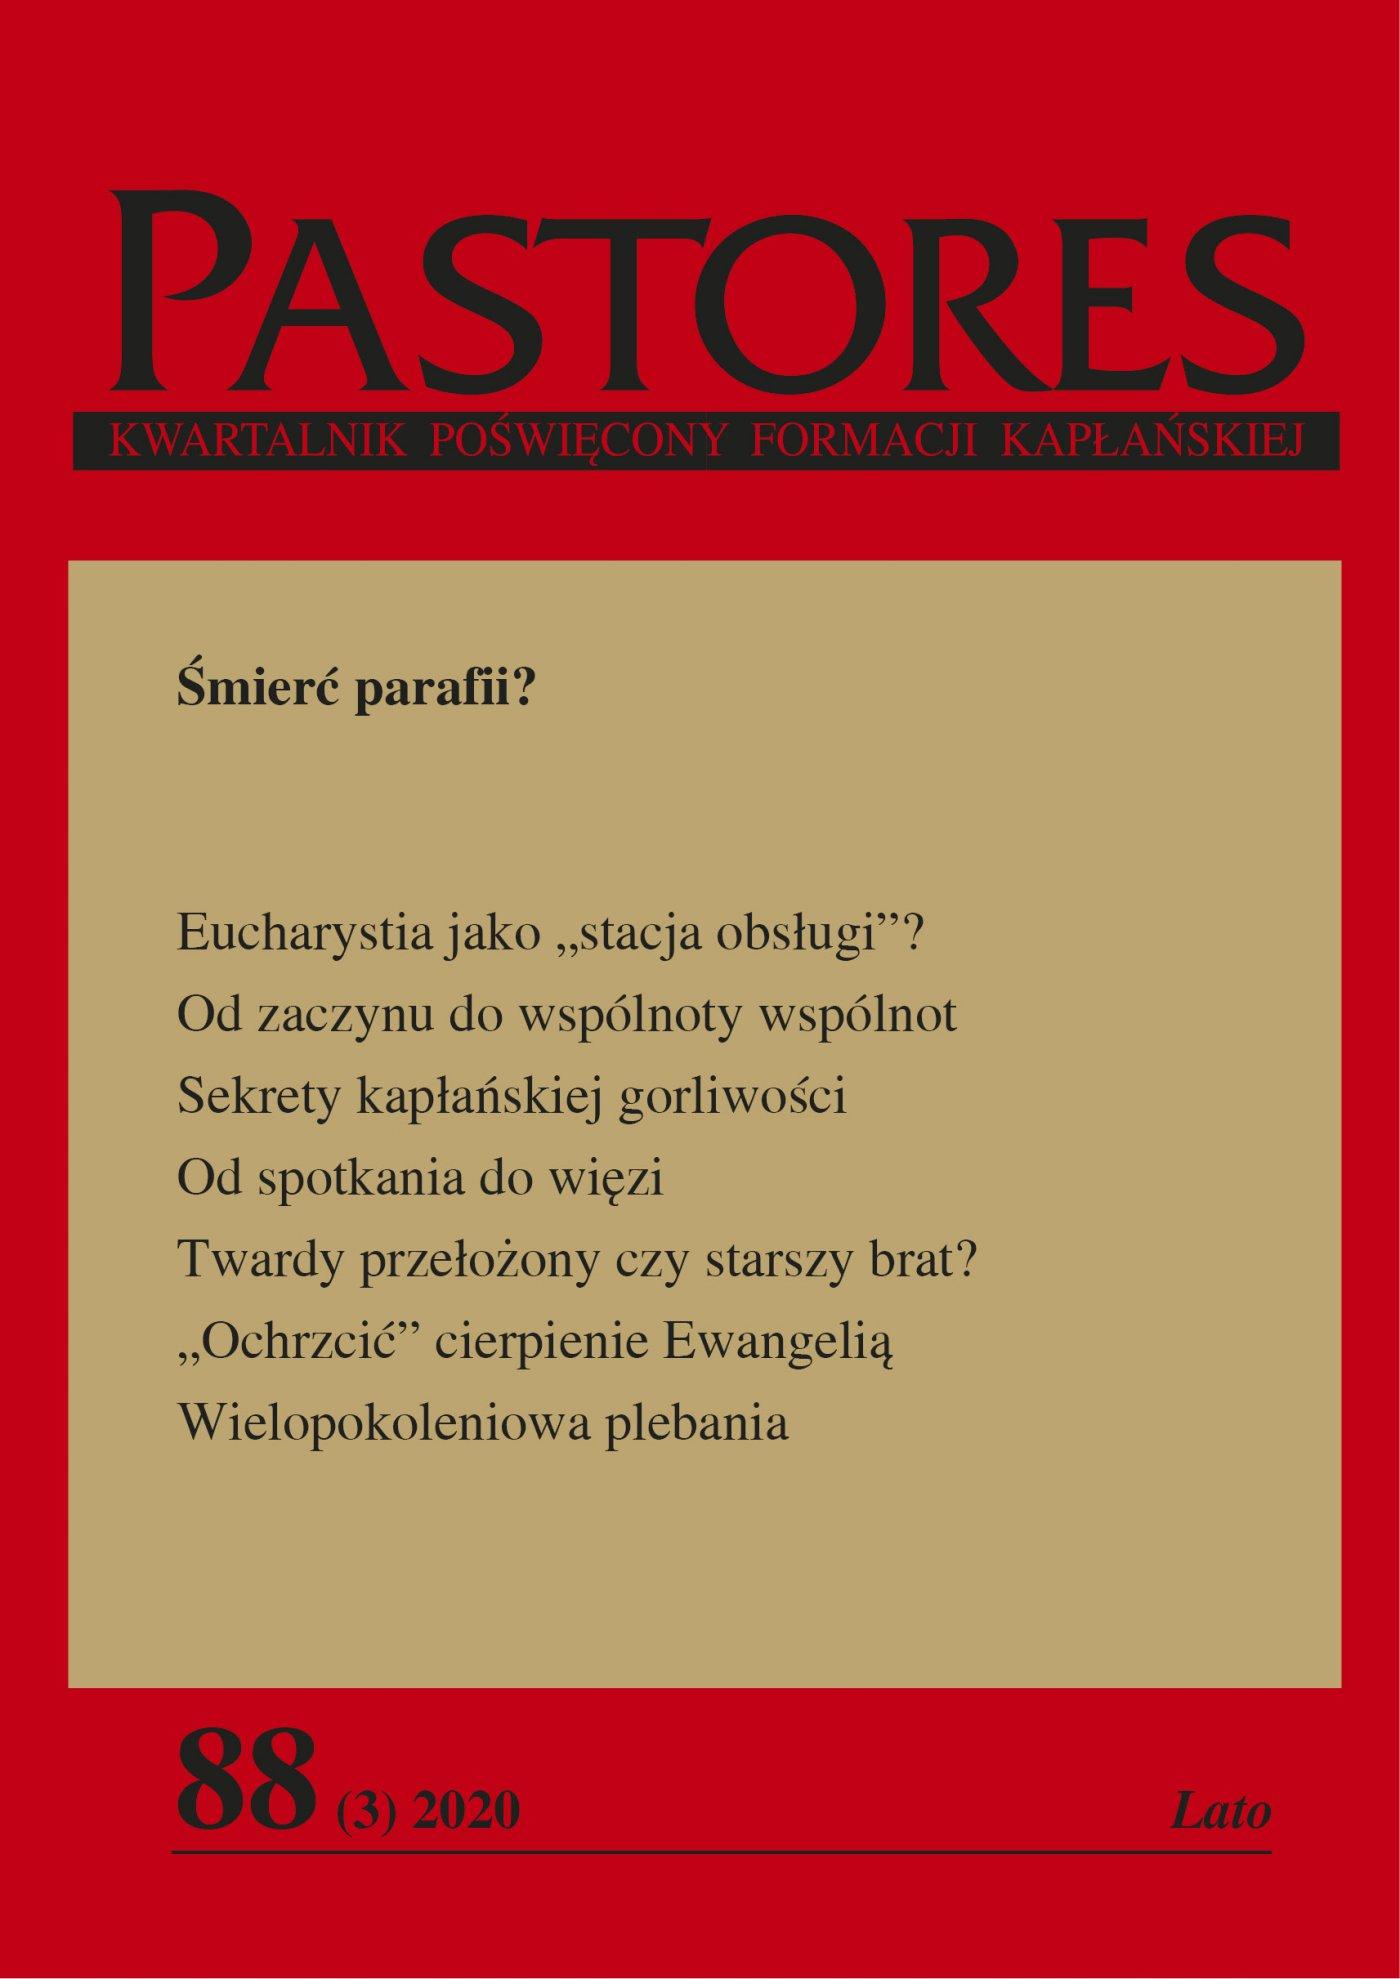 Pastores 88 (3) 2020 - Ebook (Książka EPUB) do pobrania w formacie EPUB